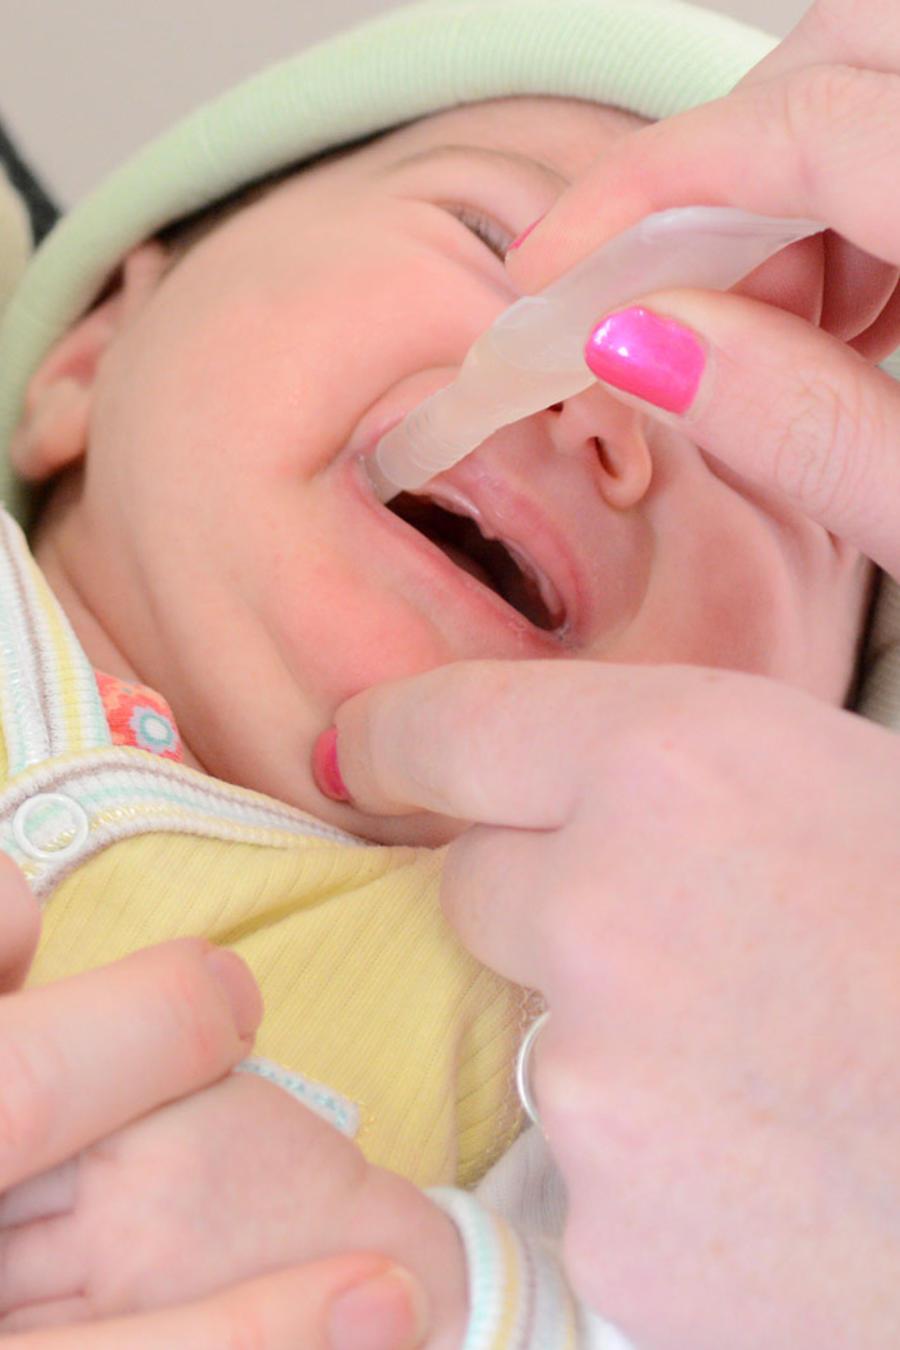 Revisión de boca de bebé